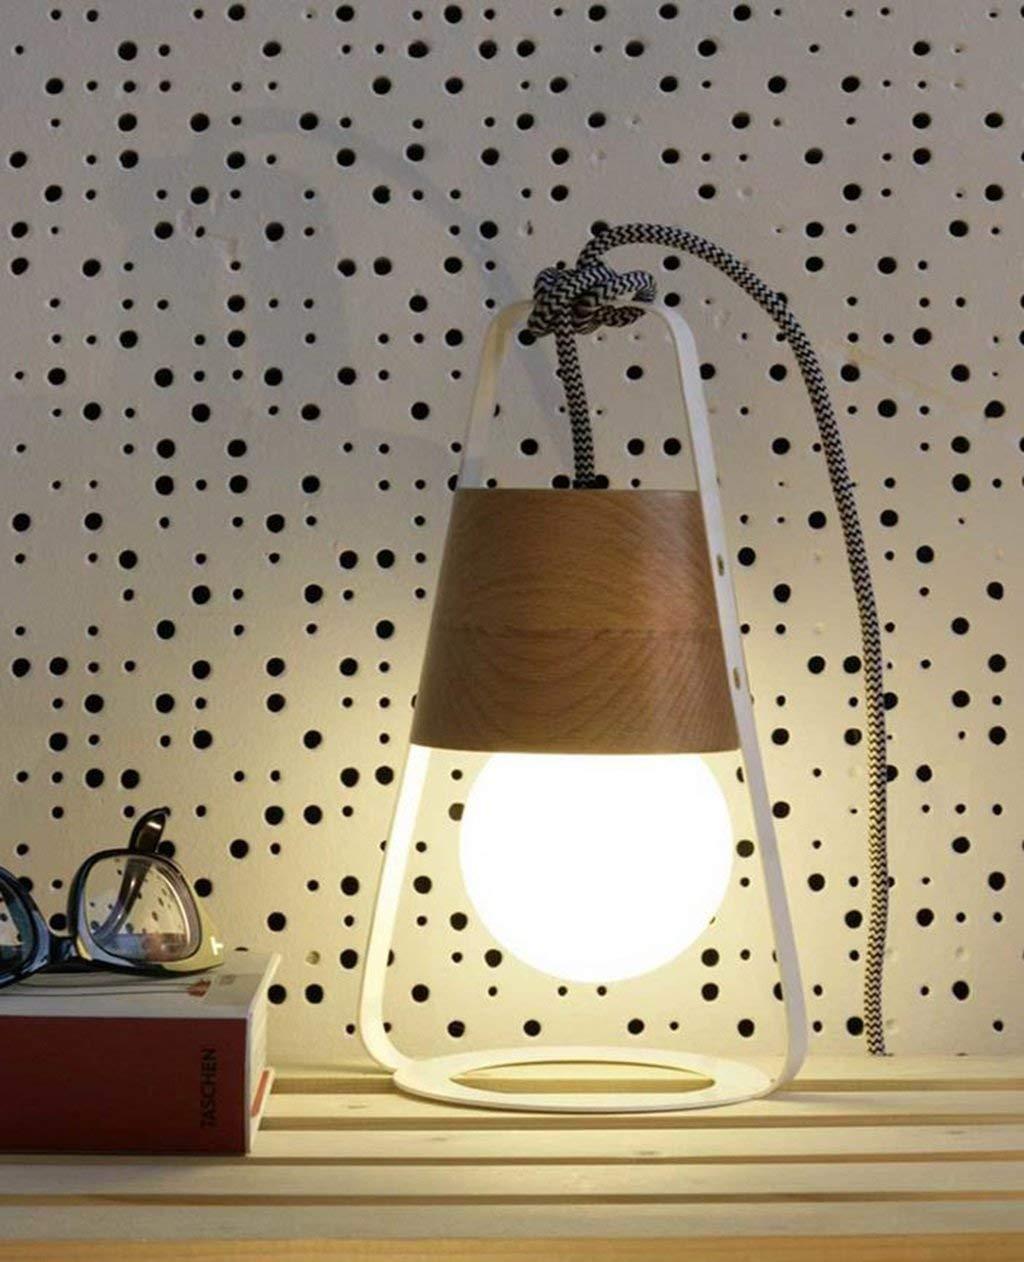 Kronleuchter Restaurant Studie Schlafzimmer Tischleuchte Nachttischlampe Nachttischlampe Nachttischlampe Wählen (Farbe  A) e89c6a